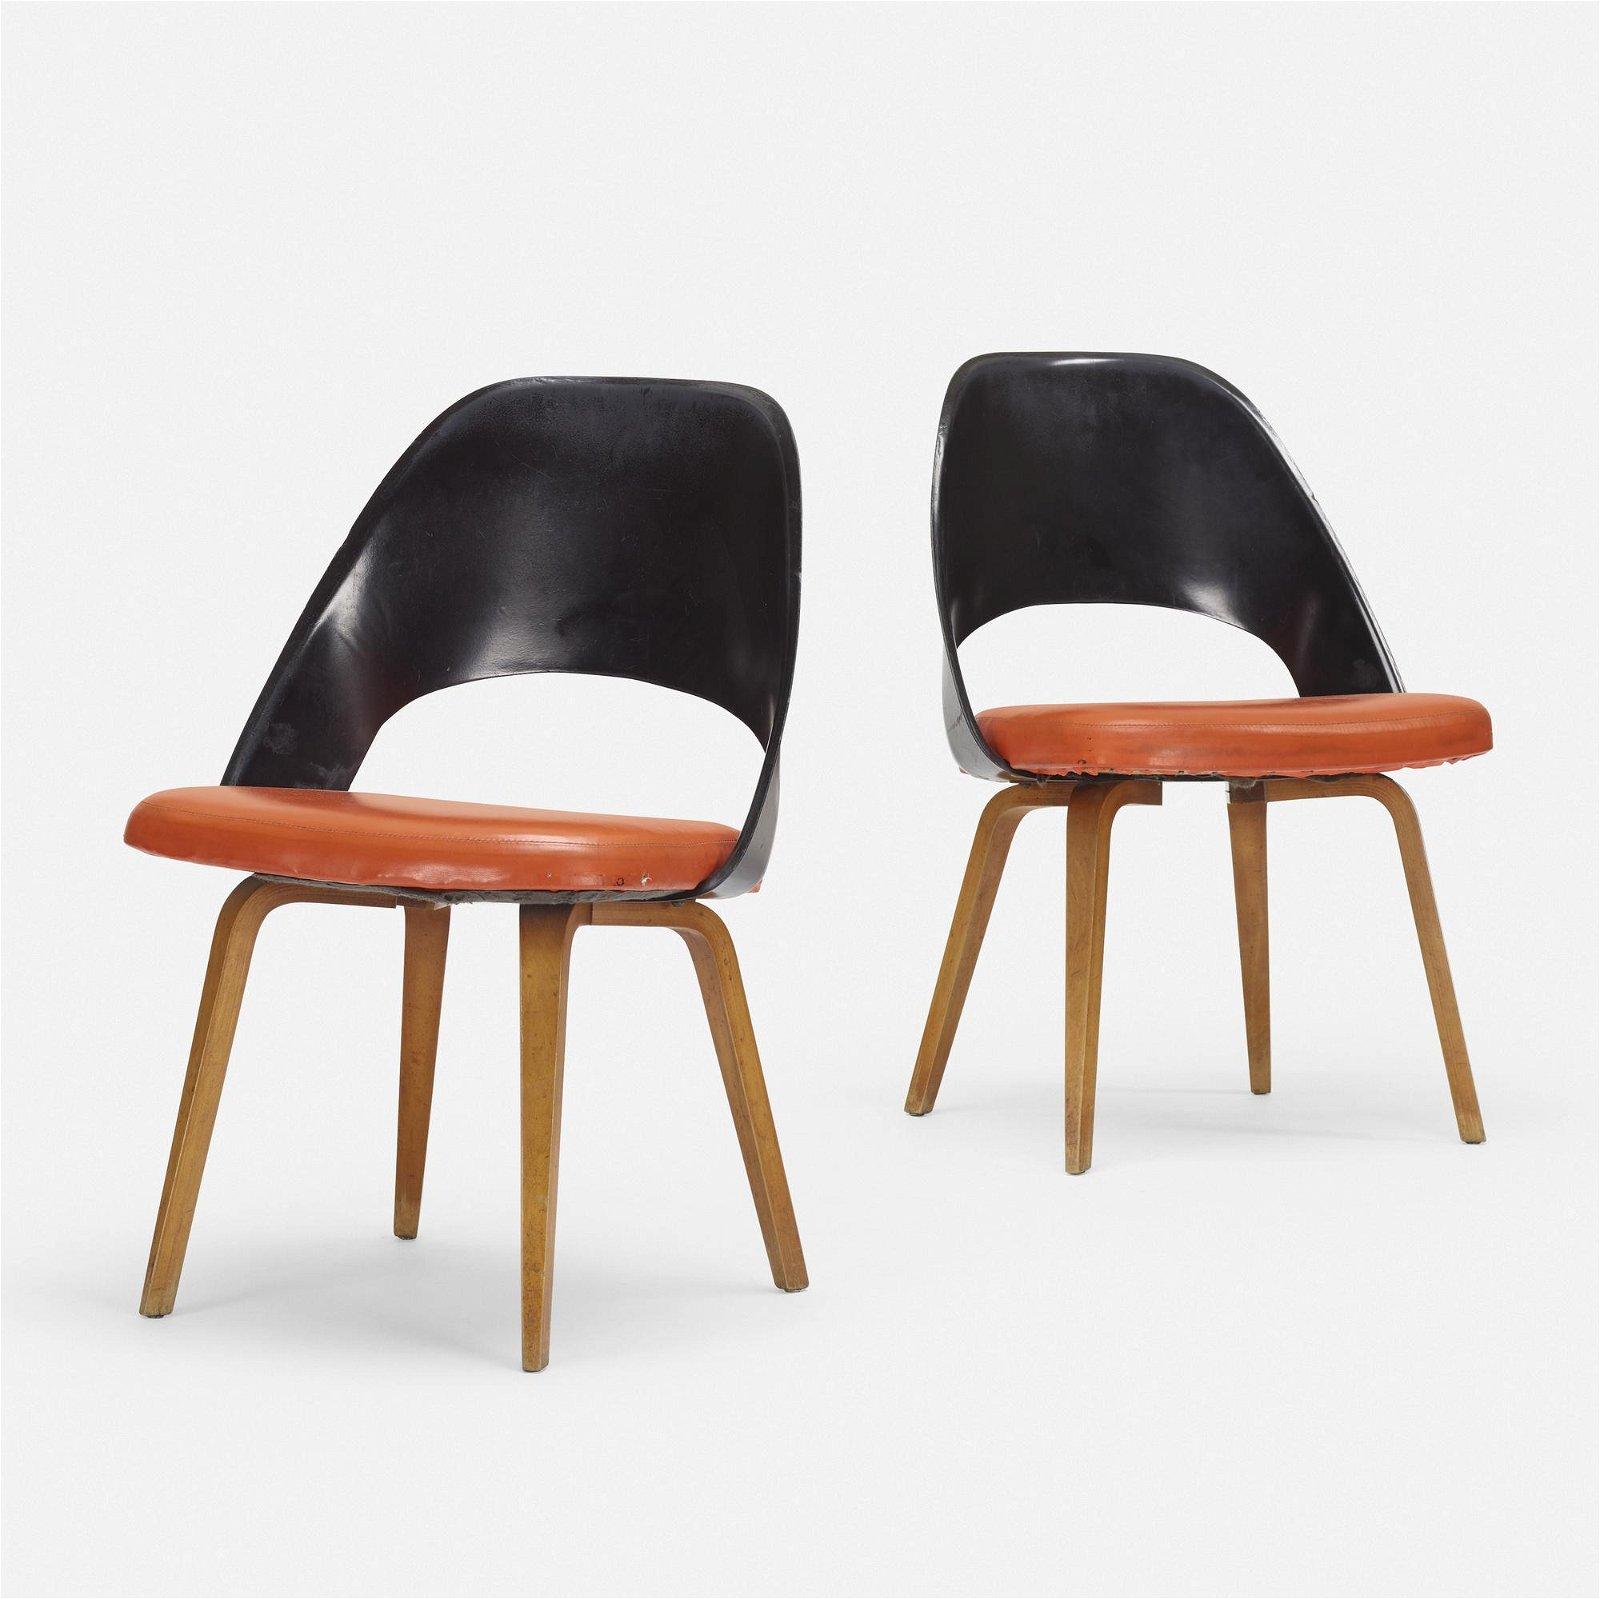 Eero Saarinen, chairs model 72 PLB, pair